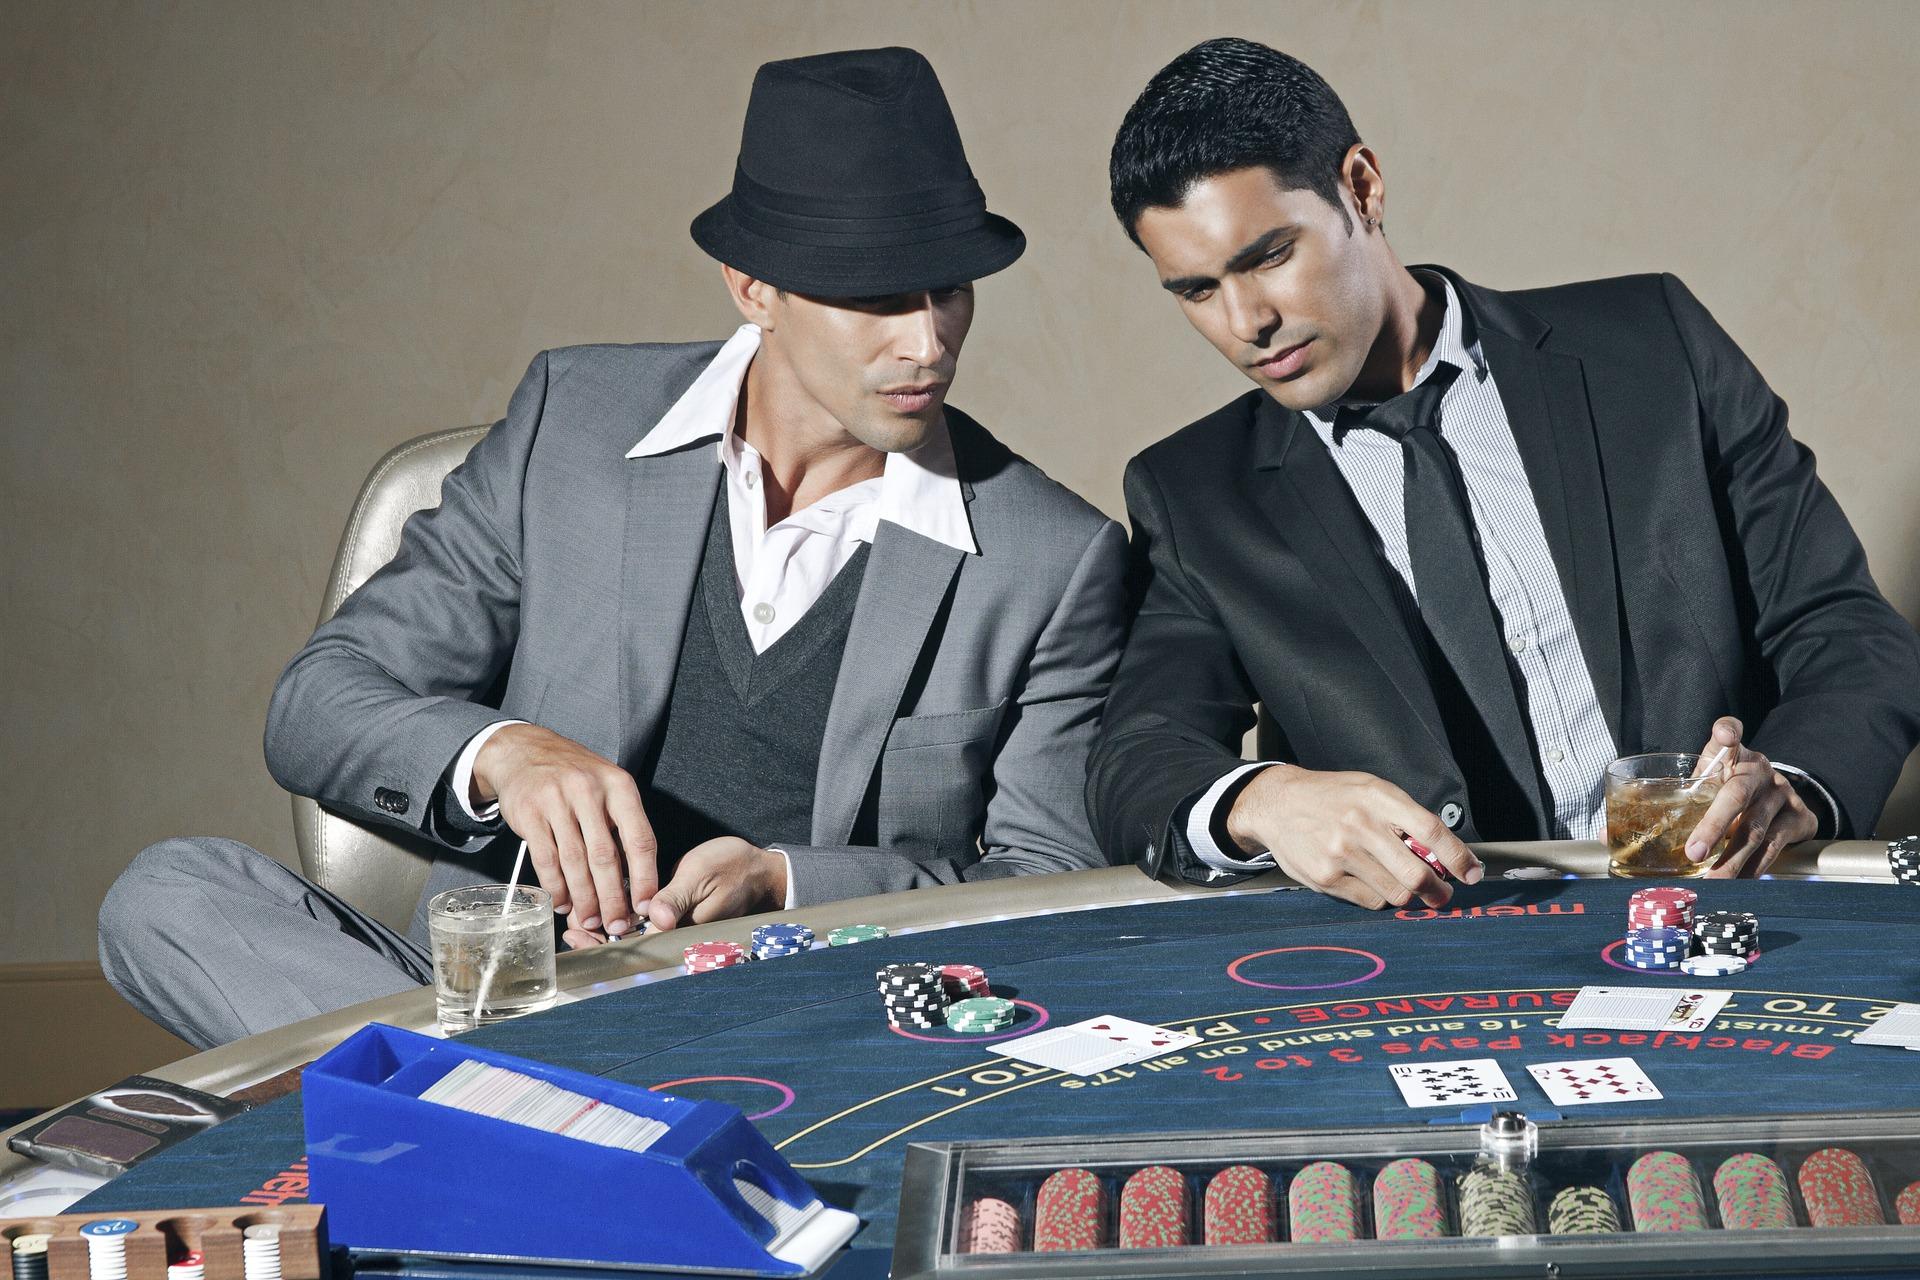 Oplev nye sider af dig selv gennem spil, samtidig med at du tjener penge